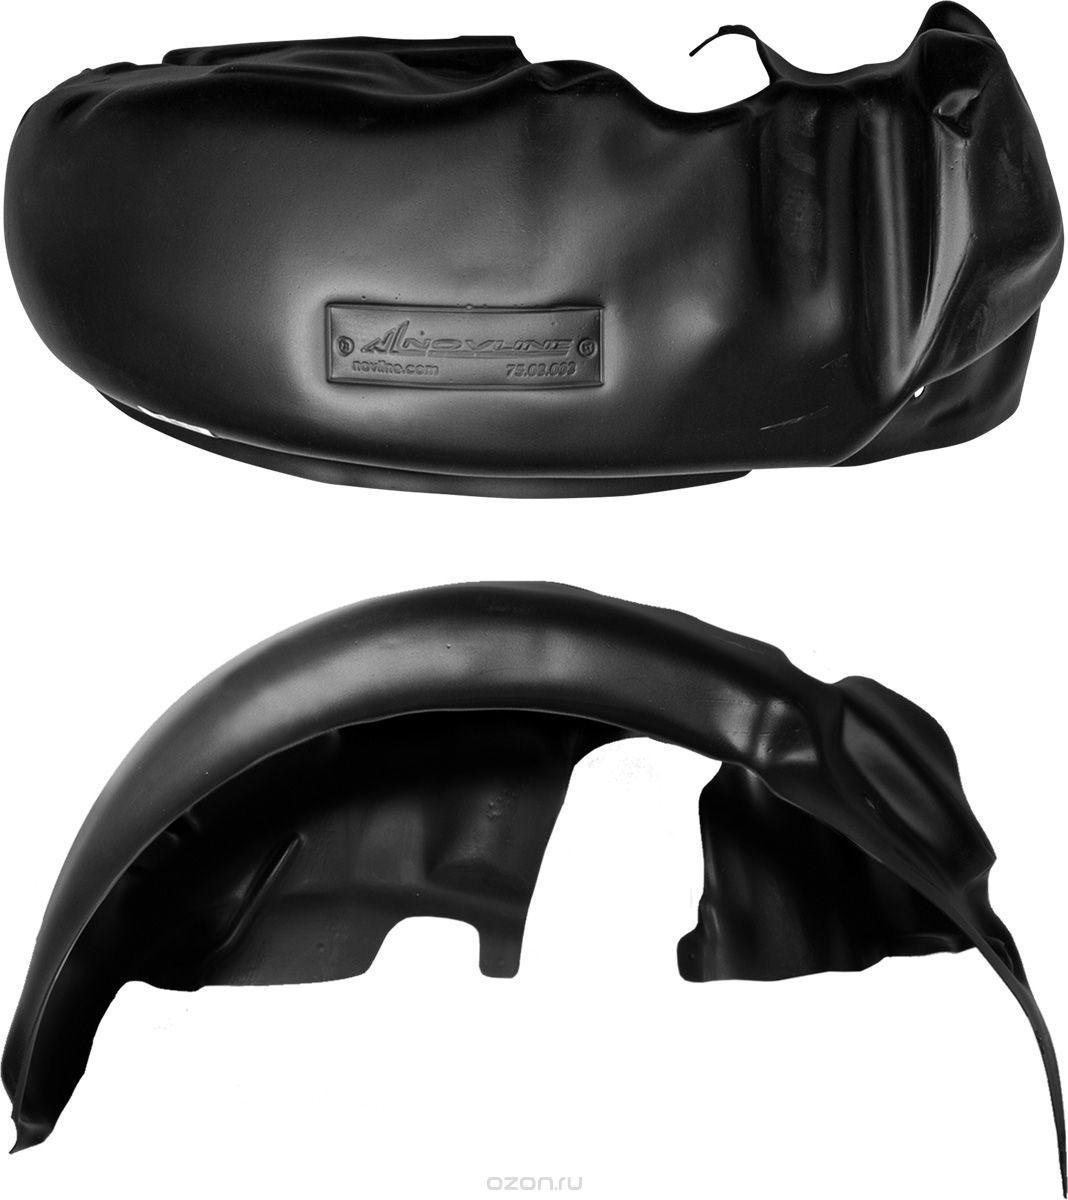 Подкрылок Novline-Autofamily, для PEUGEOT 107 2005-2014, задний левый000414Идеальная защита колесной ниши. Локеры разработаны с применением цифровых технологий, гарантируют максимальную повторяемость поверхности арки. Изделия устанавливаются без нарушения лакокрасочного покрытия автомобиля, каждый подкрылок комплектуется крепежом. Уважаемые клиенты, обращаем ваше внимание, что фотографии на подкрылки универсальные и не отражают реальную форму изделия. При этом само изделие идет точно под размер указанного автомобиля.